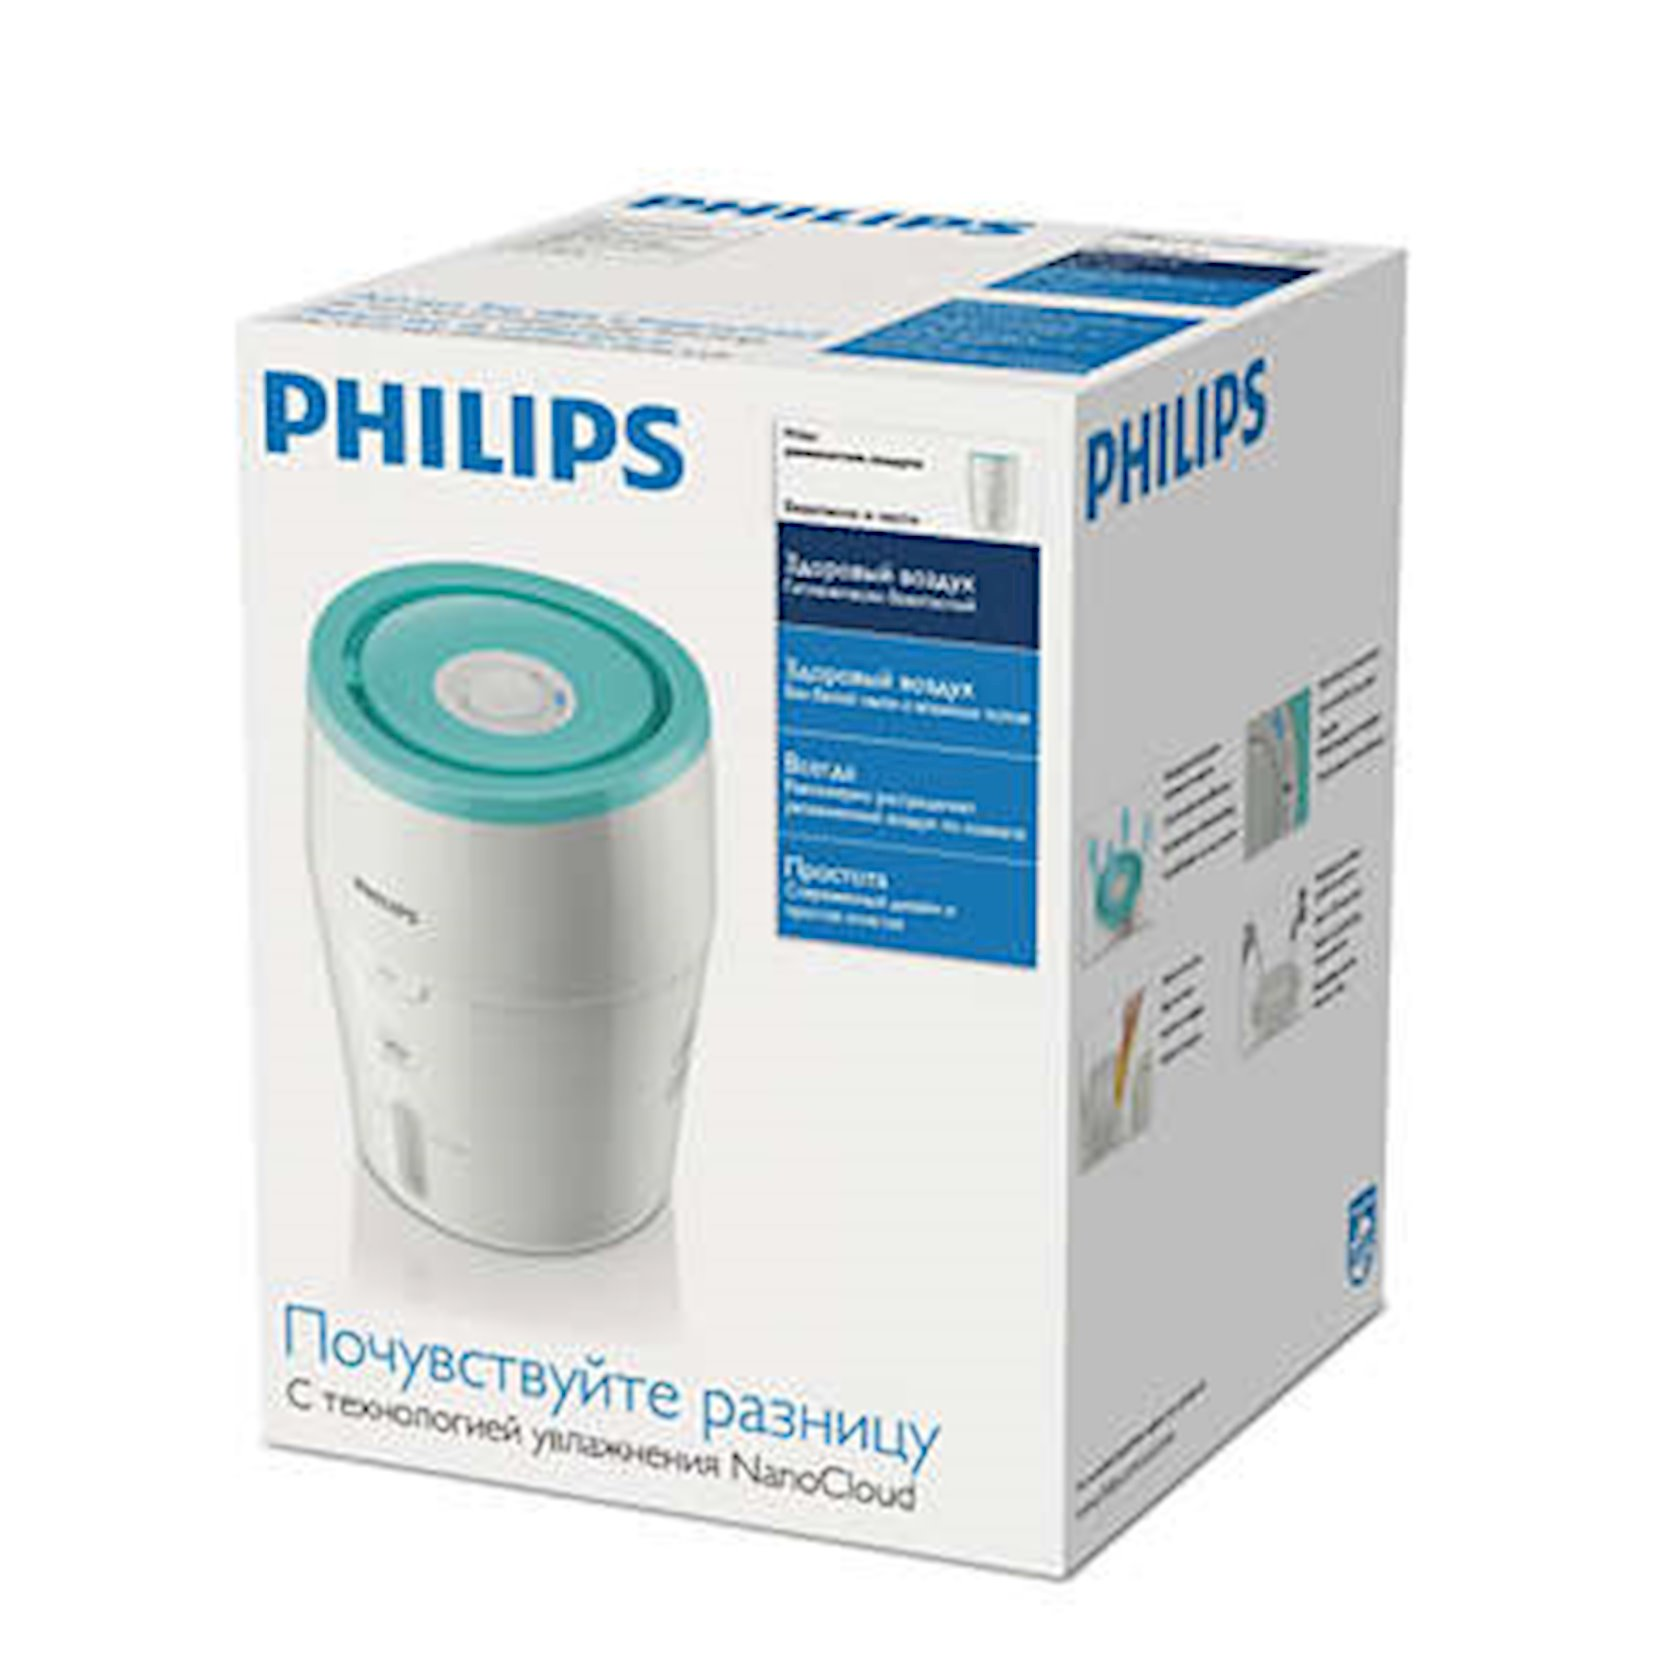 Hava nəmləndirici Philips HU4801/01